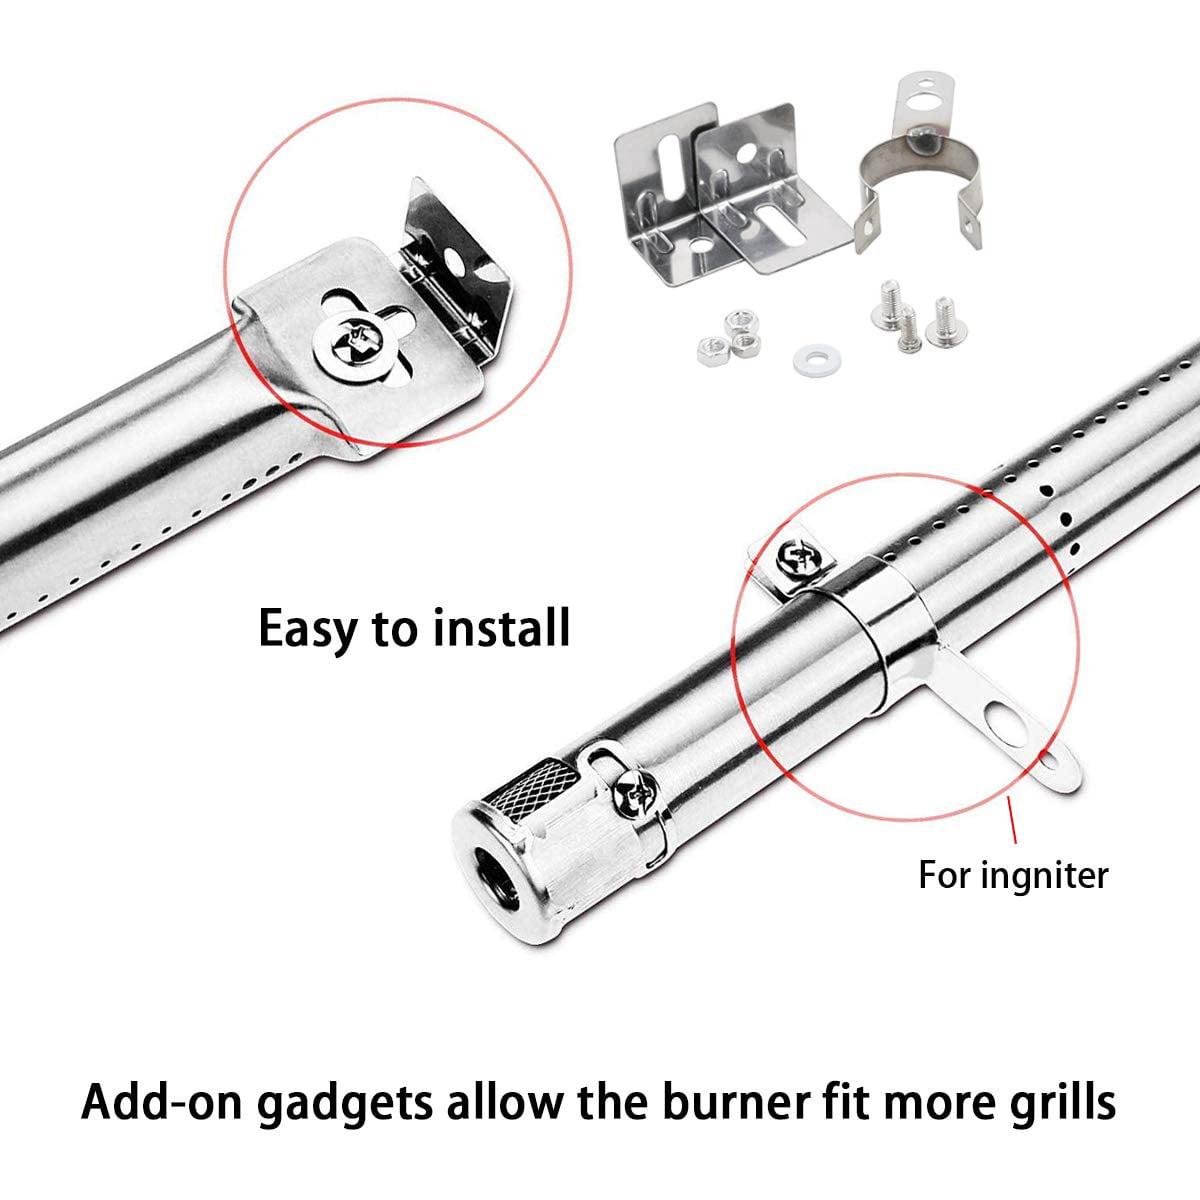 12 to 17-1//2 Jackson /& Home Depot Gas Models Adjustable Tube Burner 42204 for Master Forge Brinkmann GrillPro